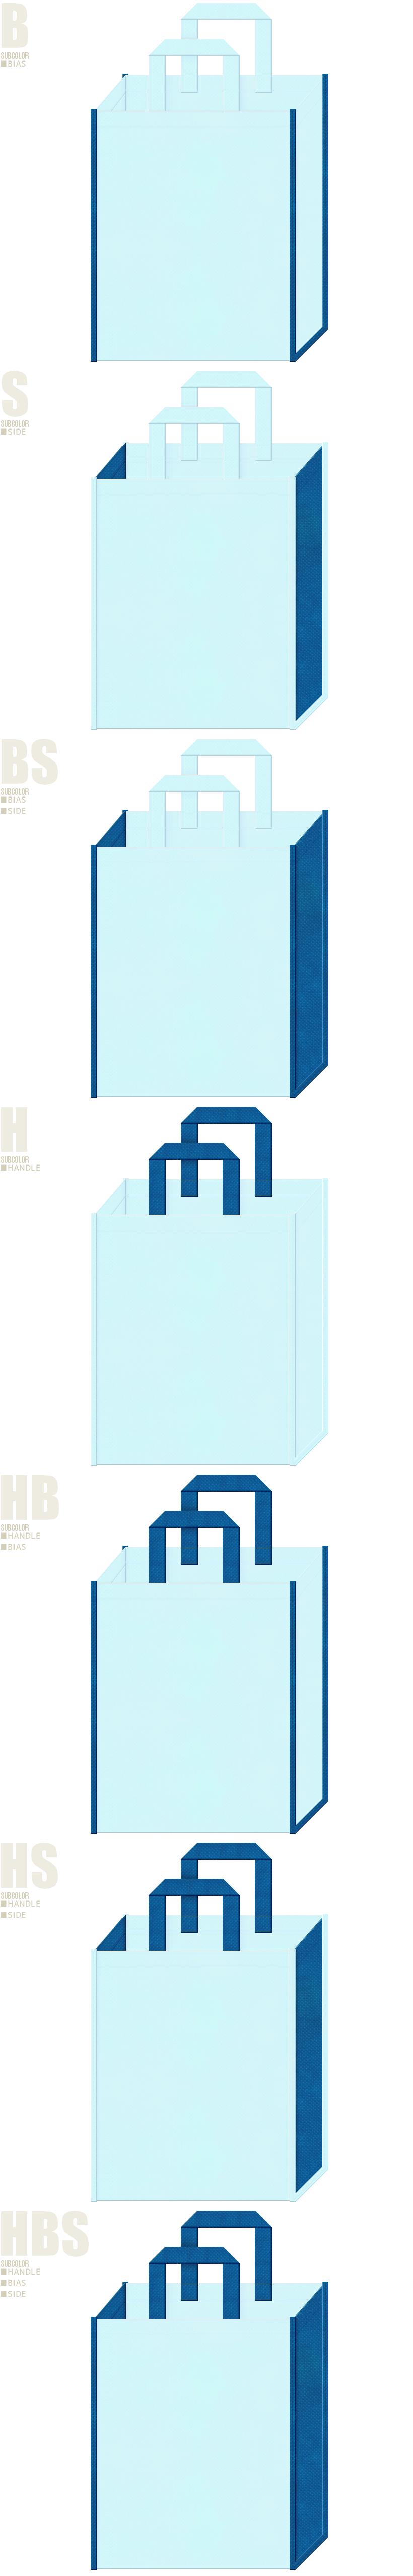 水族館・マリン用品にお奨めの、水色と青色-7パターンの不織布トートバッグ配色デザイン例。